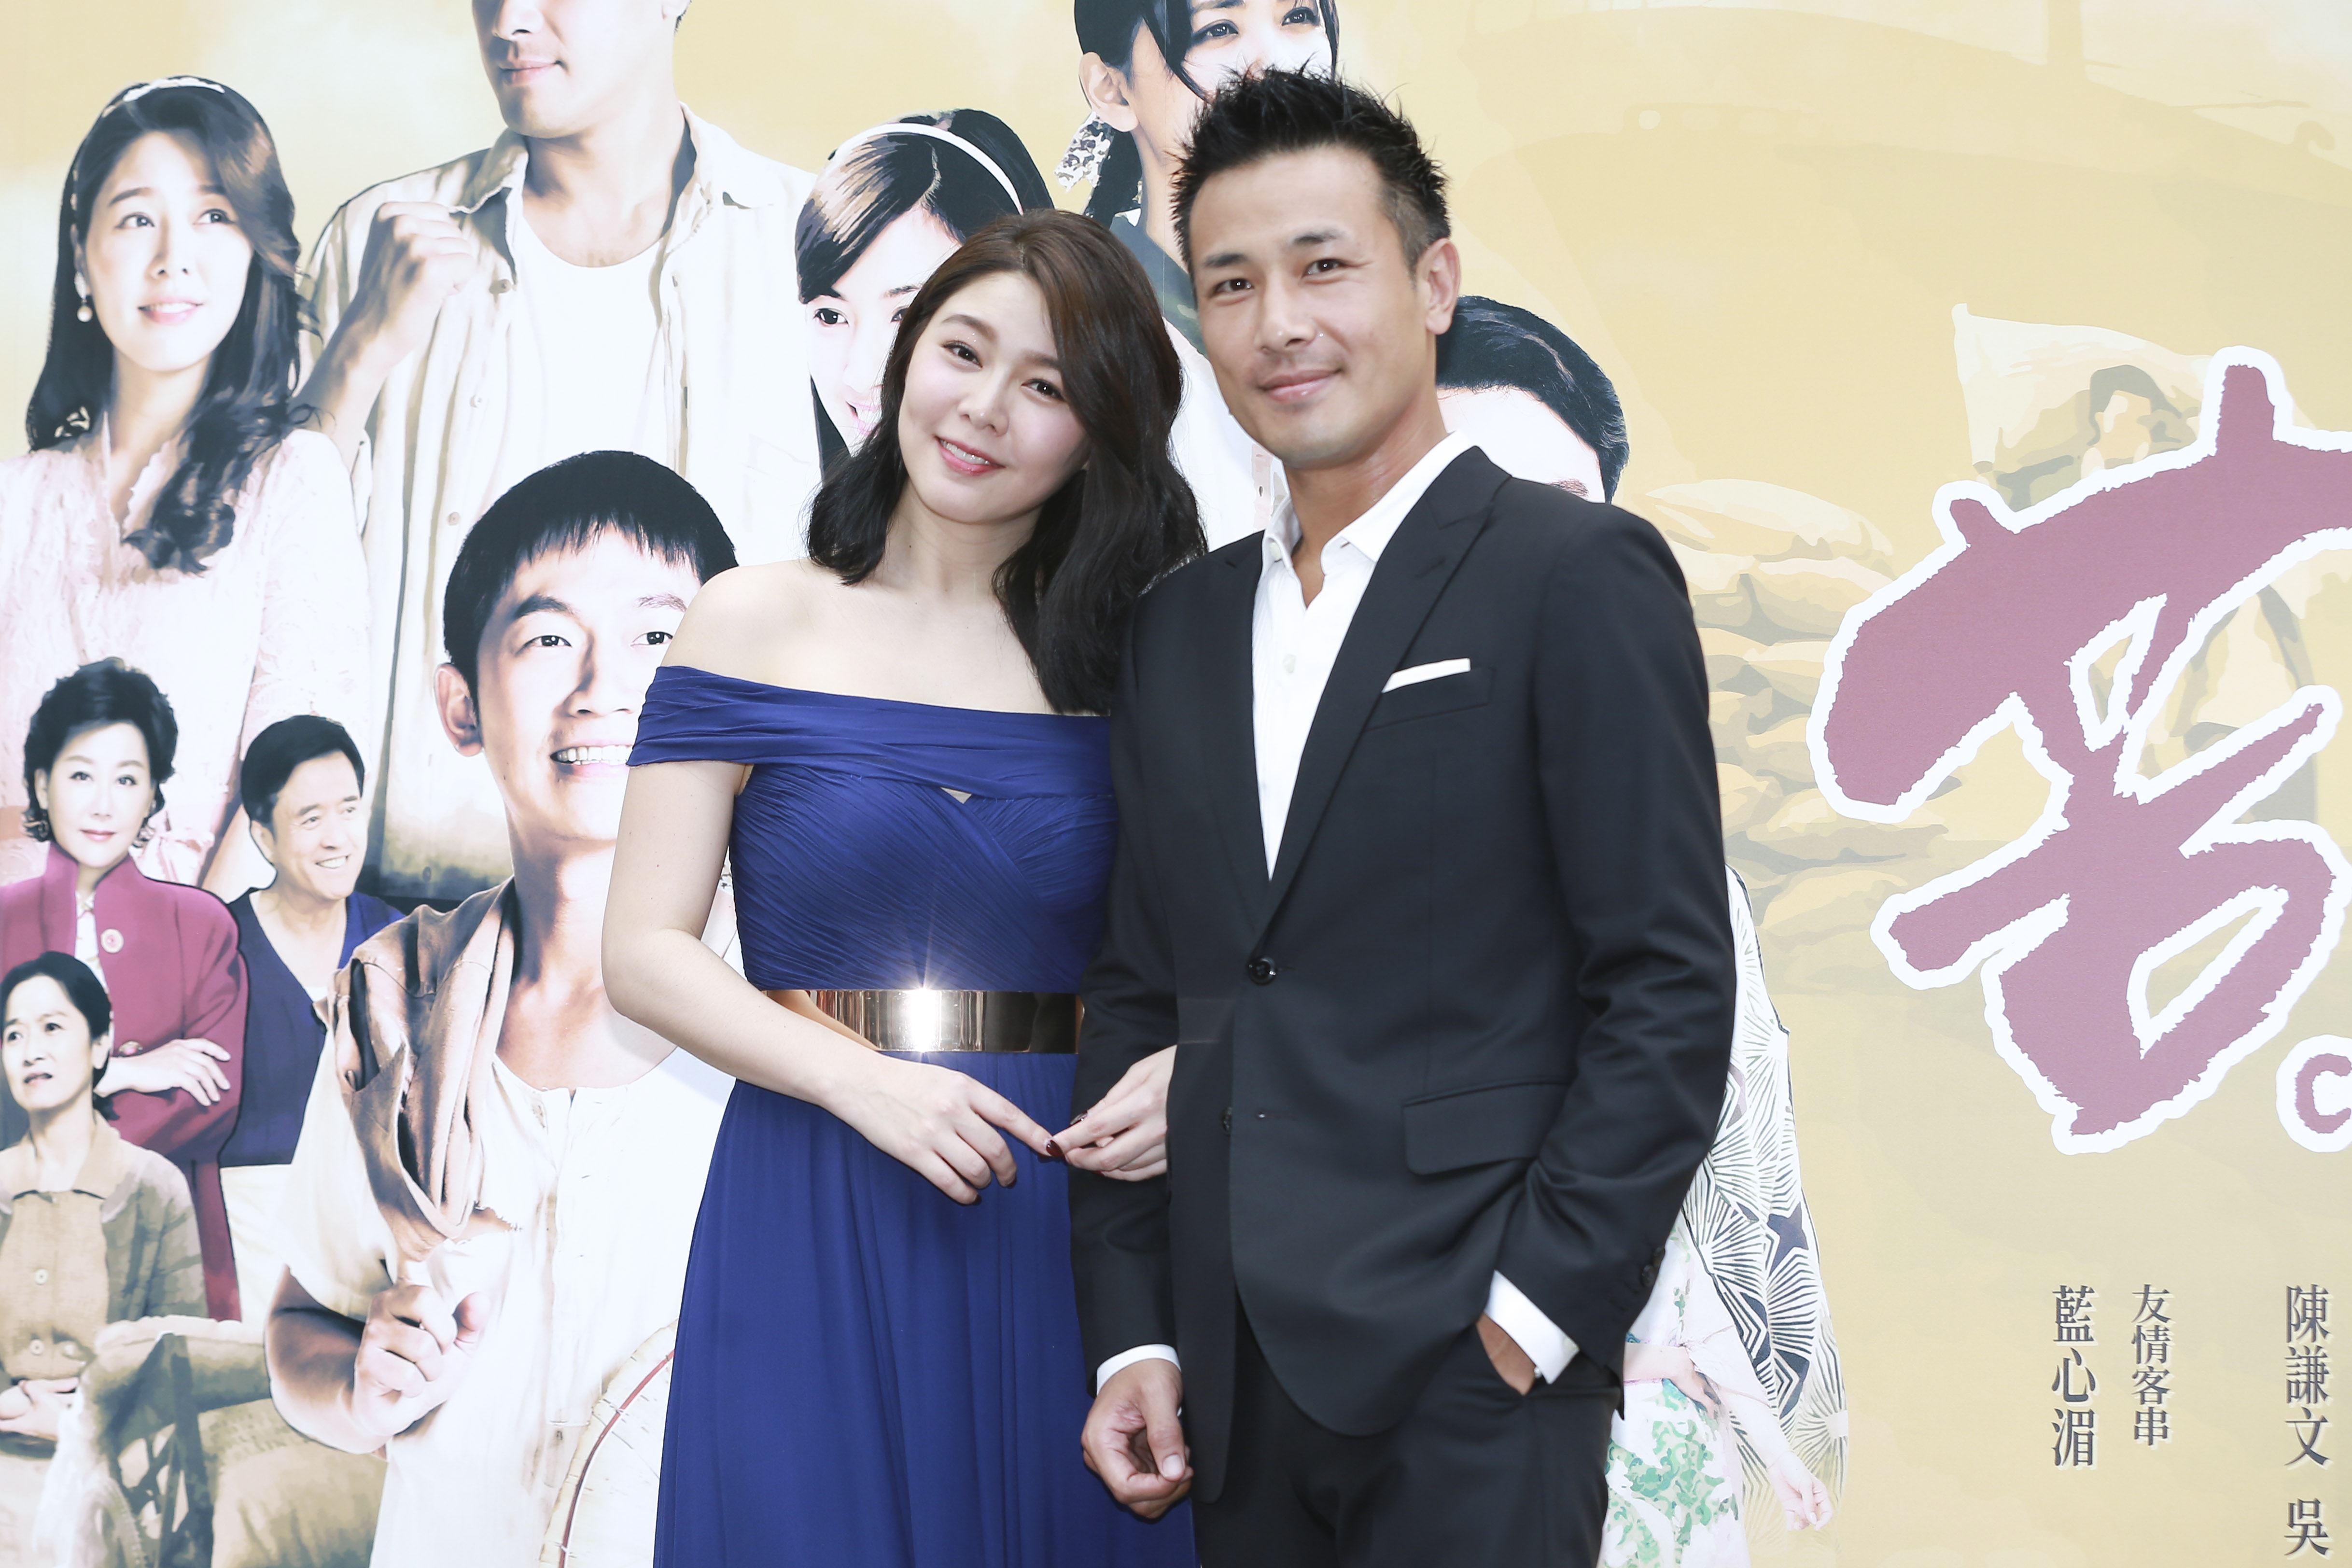 公視時代生活劇《苦力》首映記者會主演傅子純、白家綺。(記者林士傑/攝影)